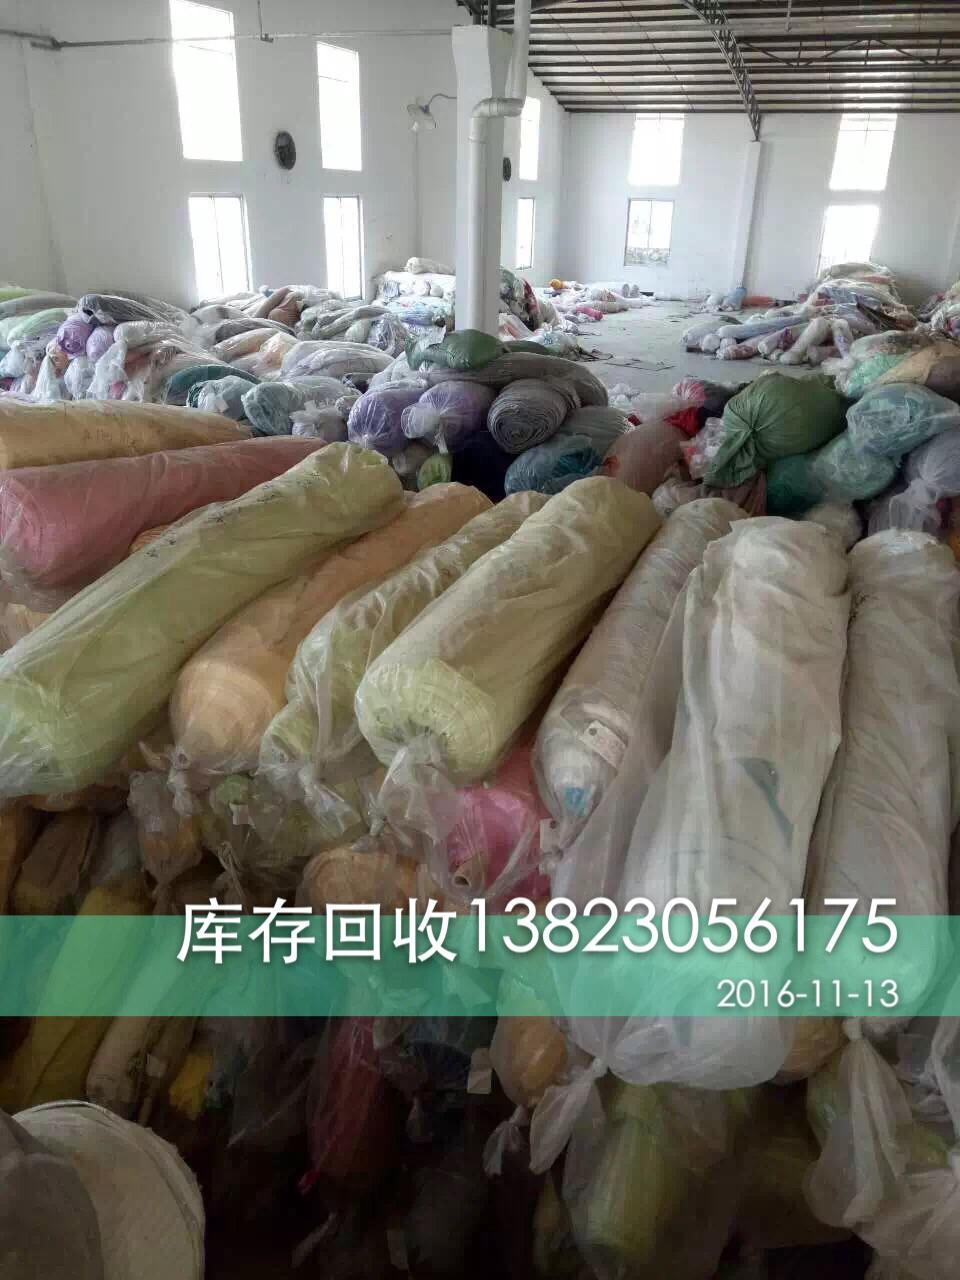 广州布匹面料回收 旧衣服回收 回收大量库存货 一次性整体打包